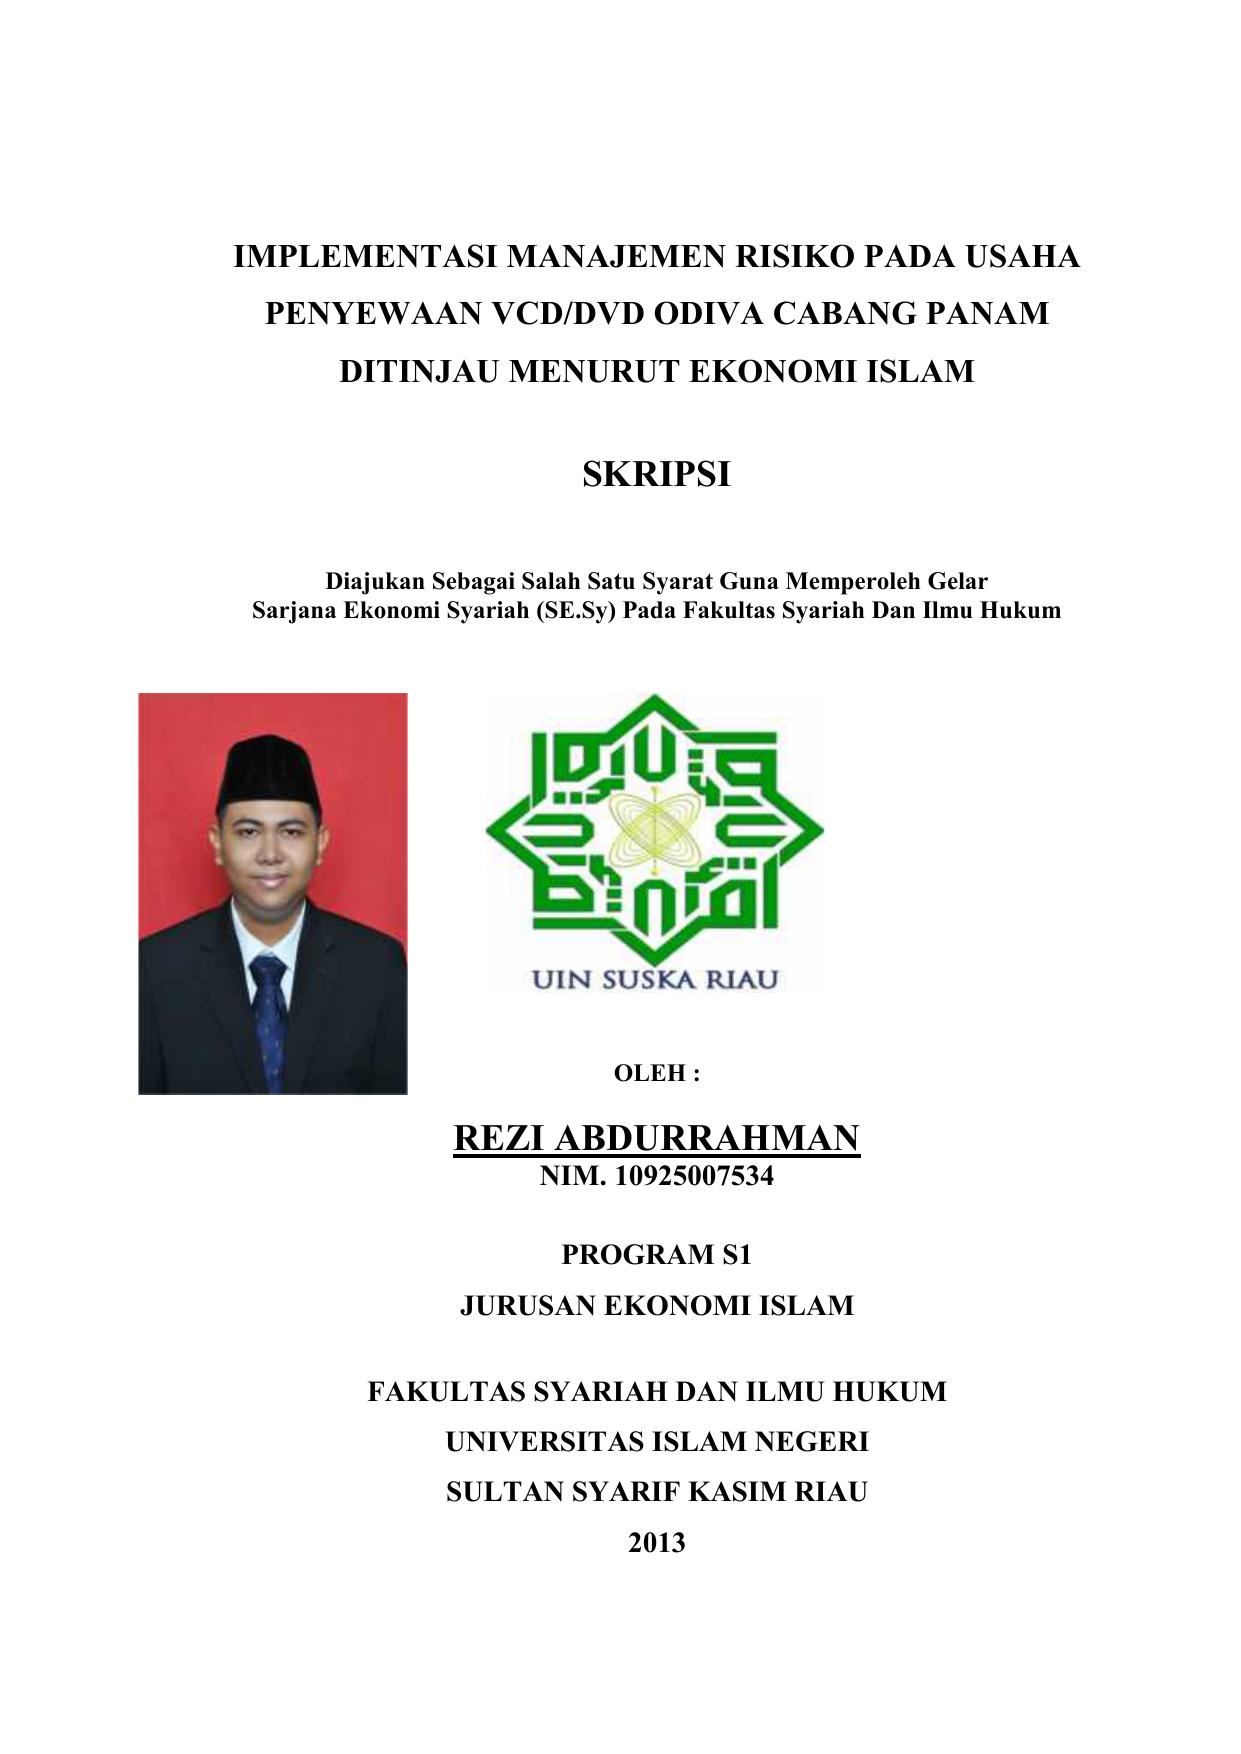 Skripsi Rezi Abdurrahman Repository Uin Suska